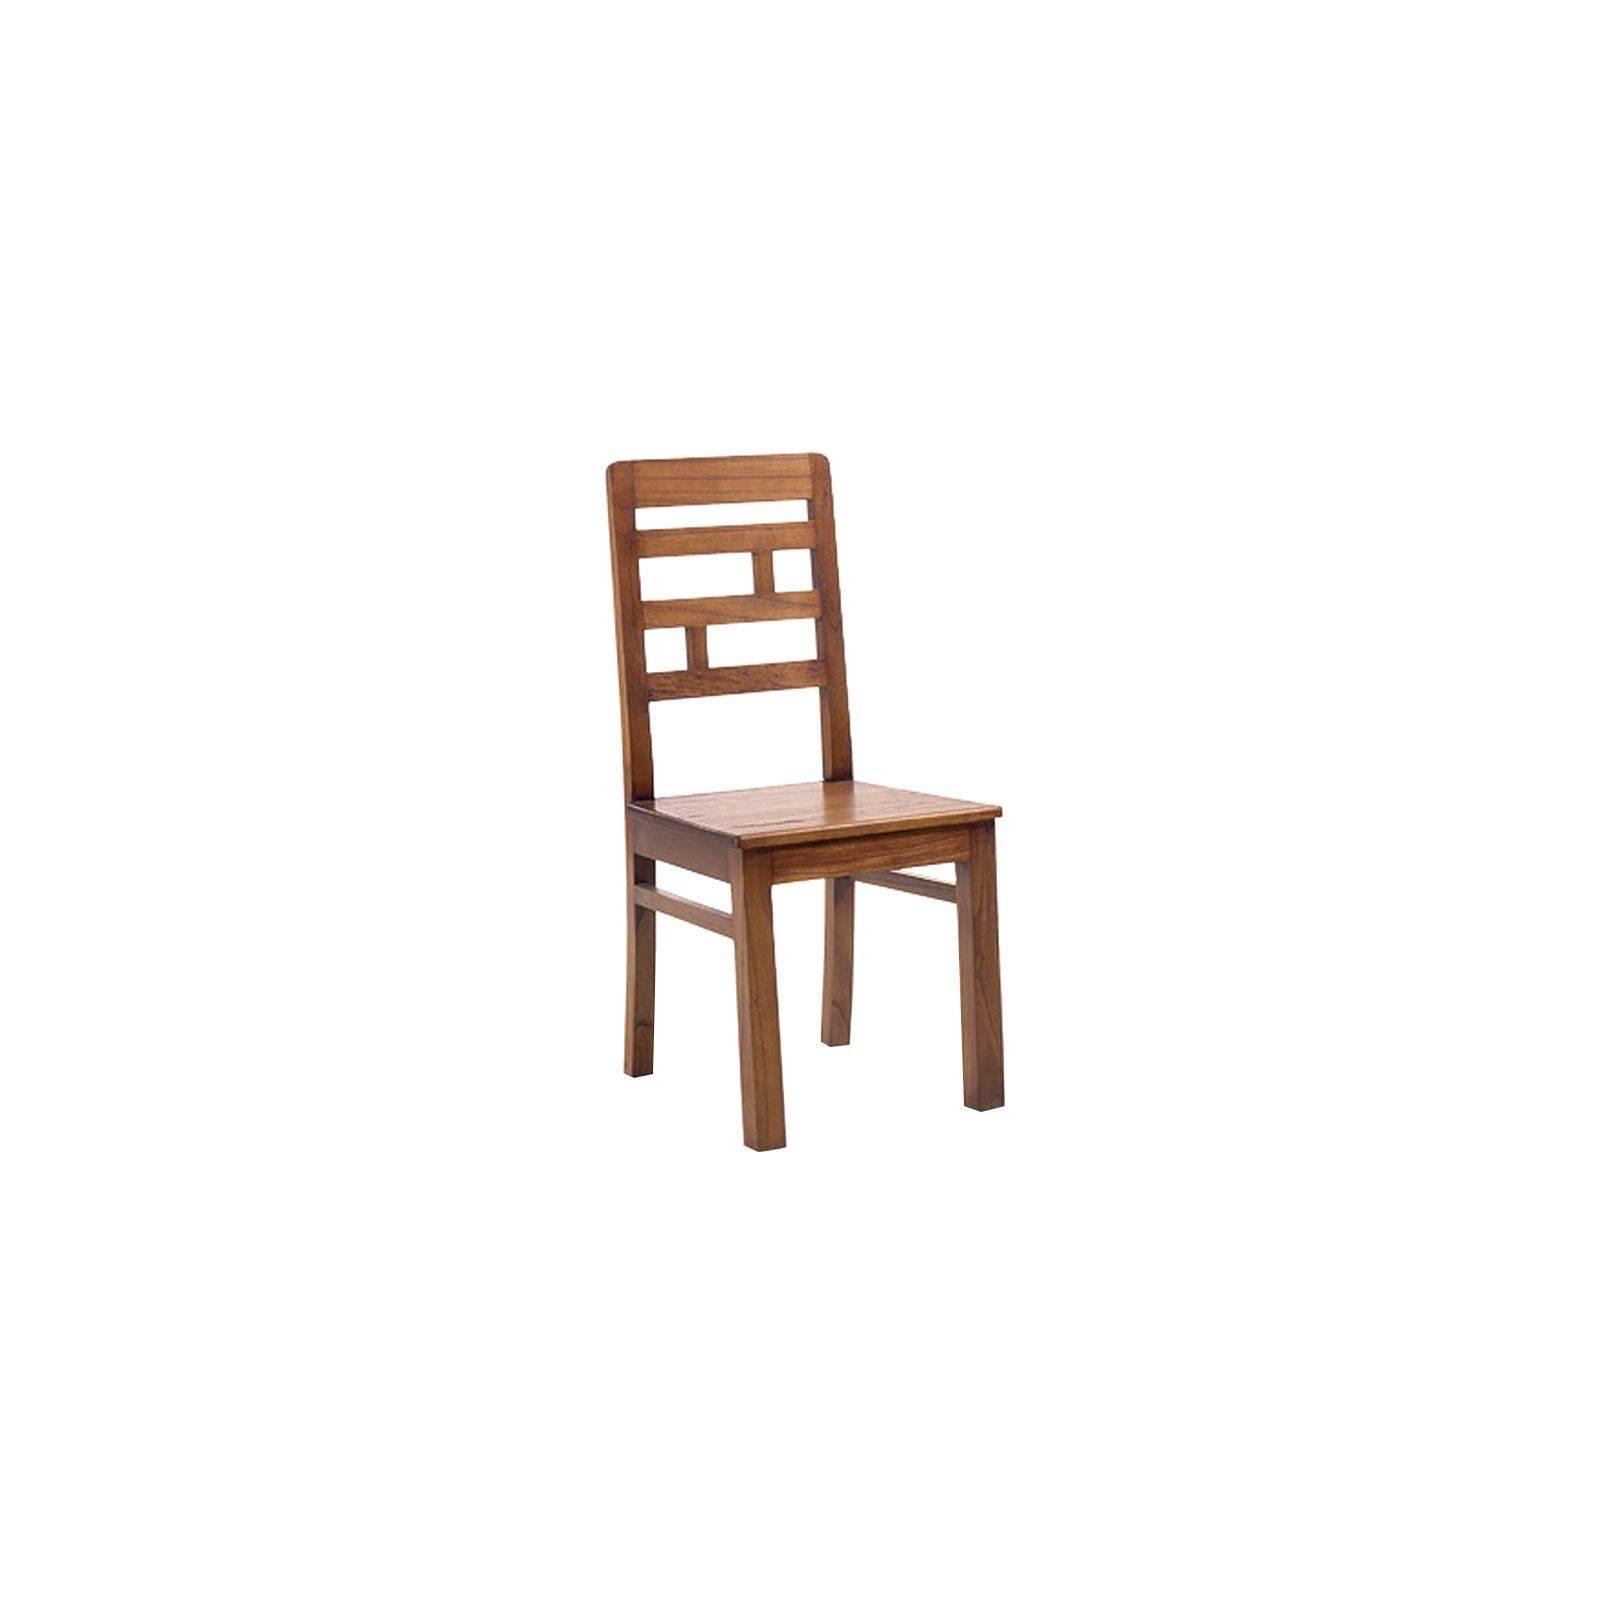 Chaise Rétro Mindi Massif - chaise en bois massif